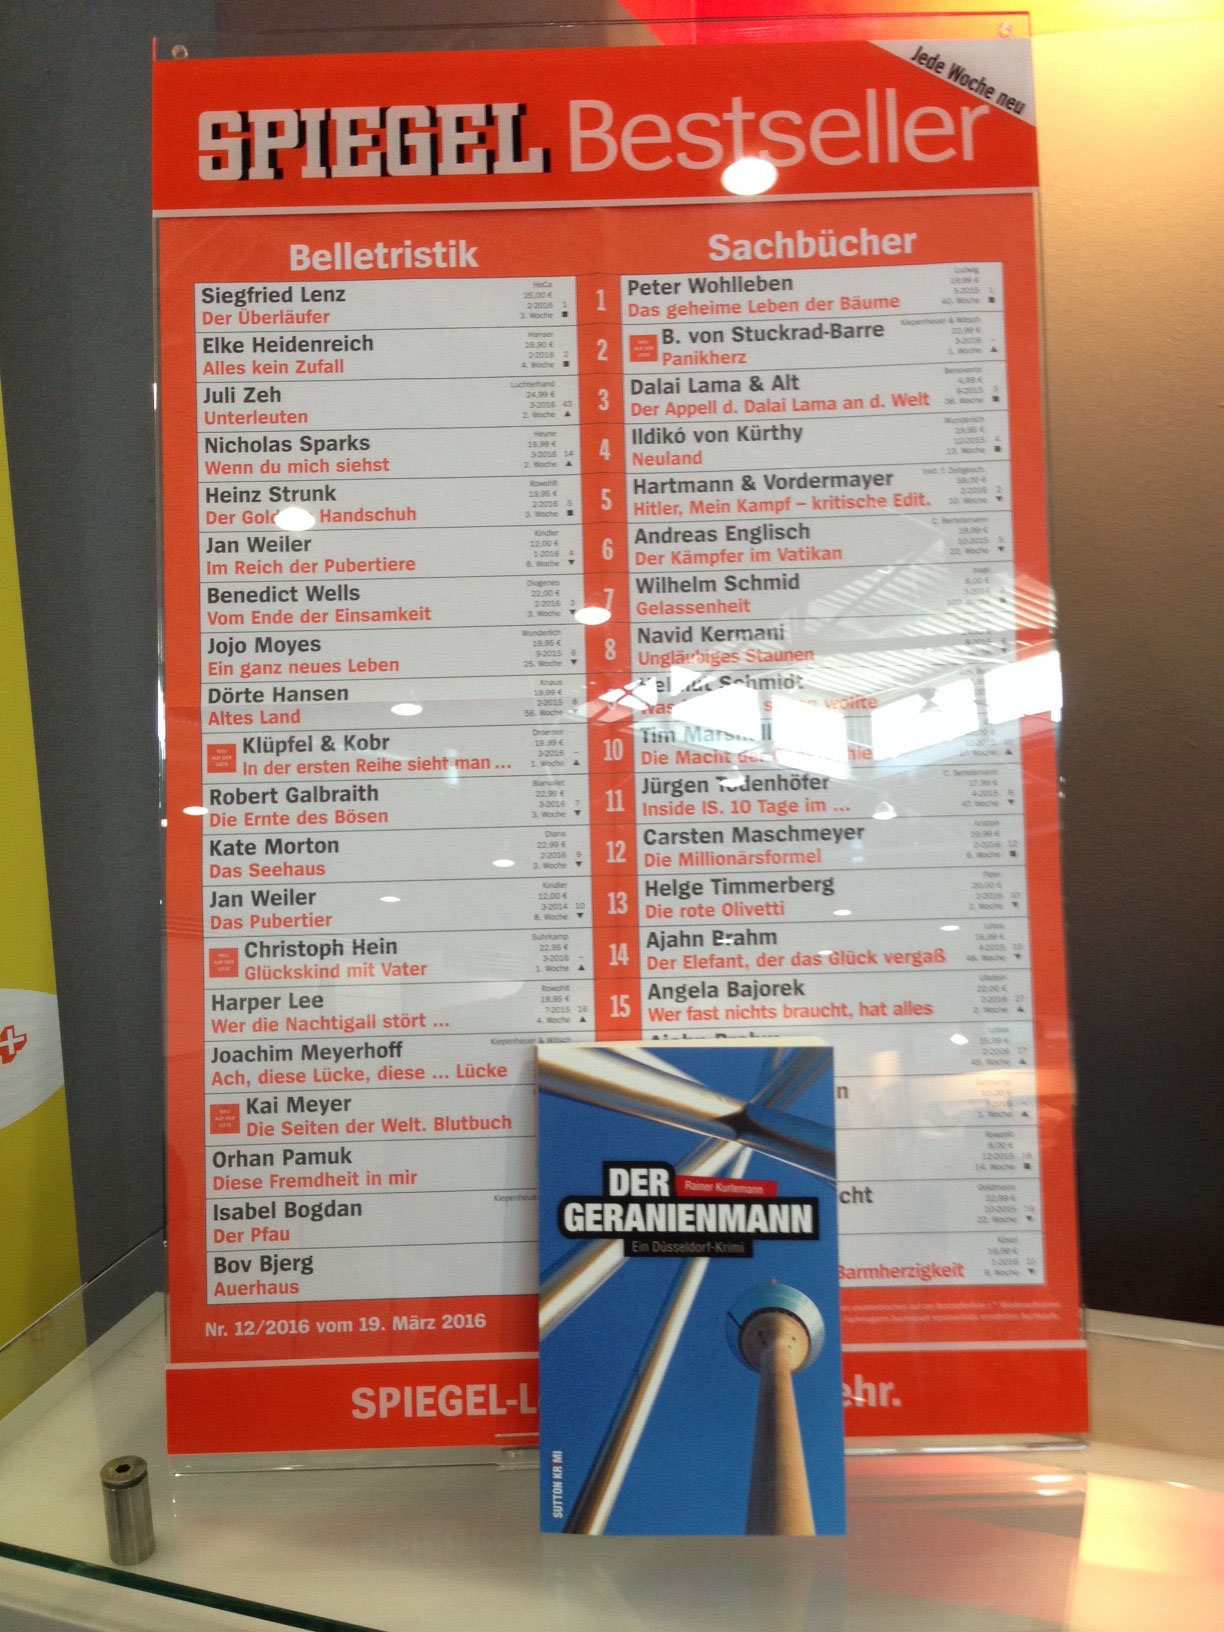 Der Geranienmann auf der Spiegel-Bestsellerliste